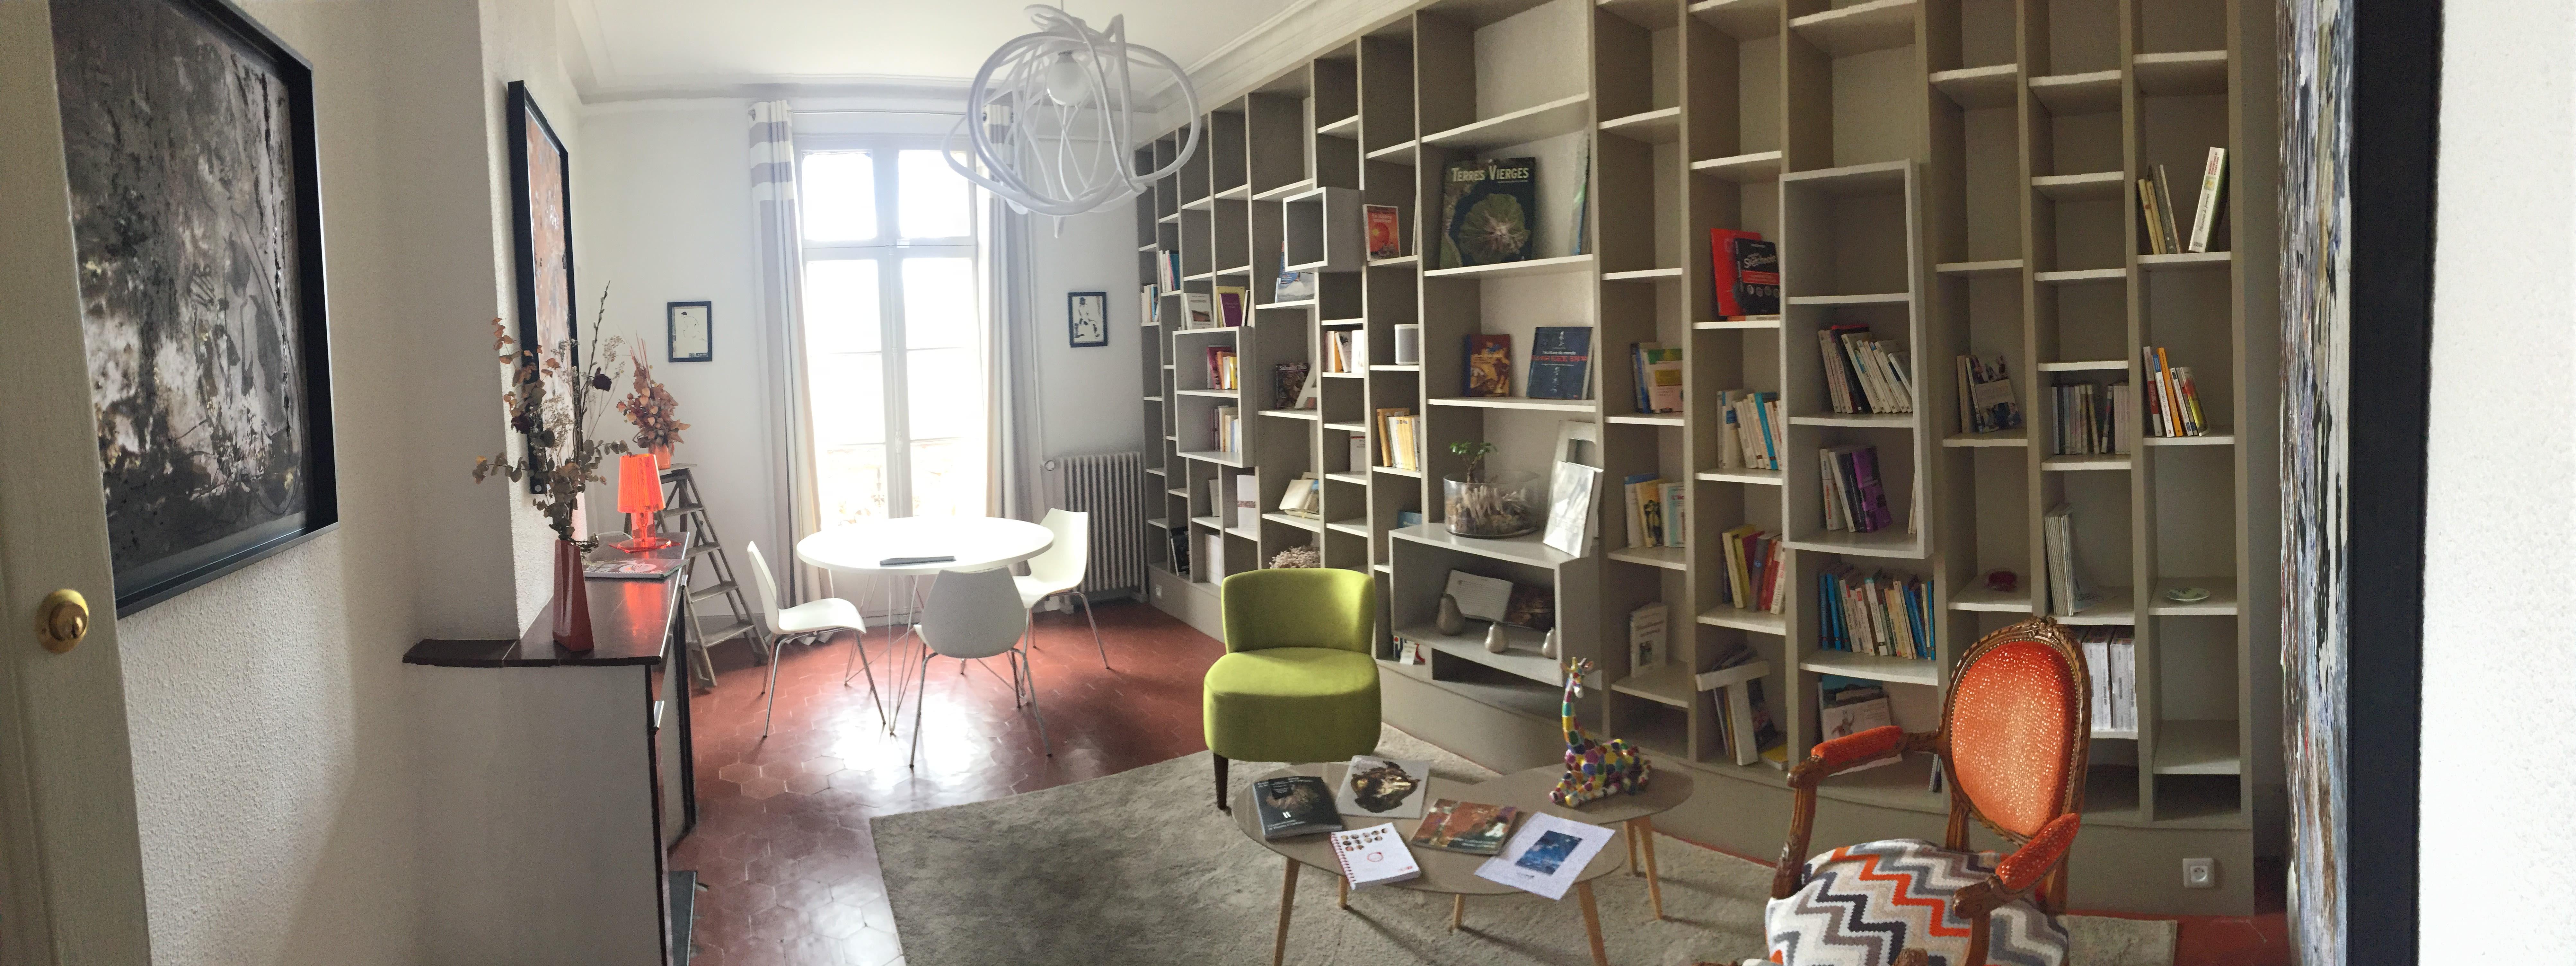 salle de réunion pour 5 personnes à Perpignan